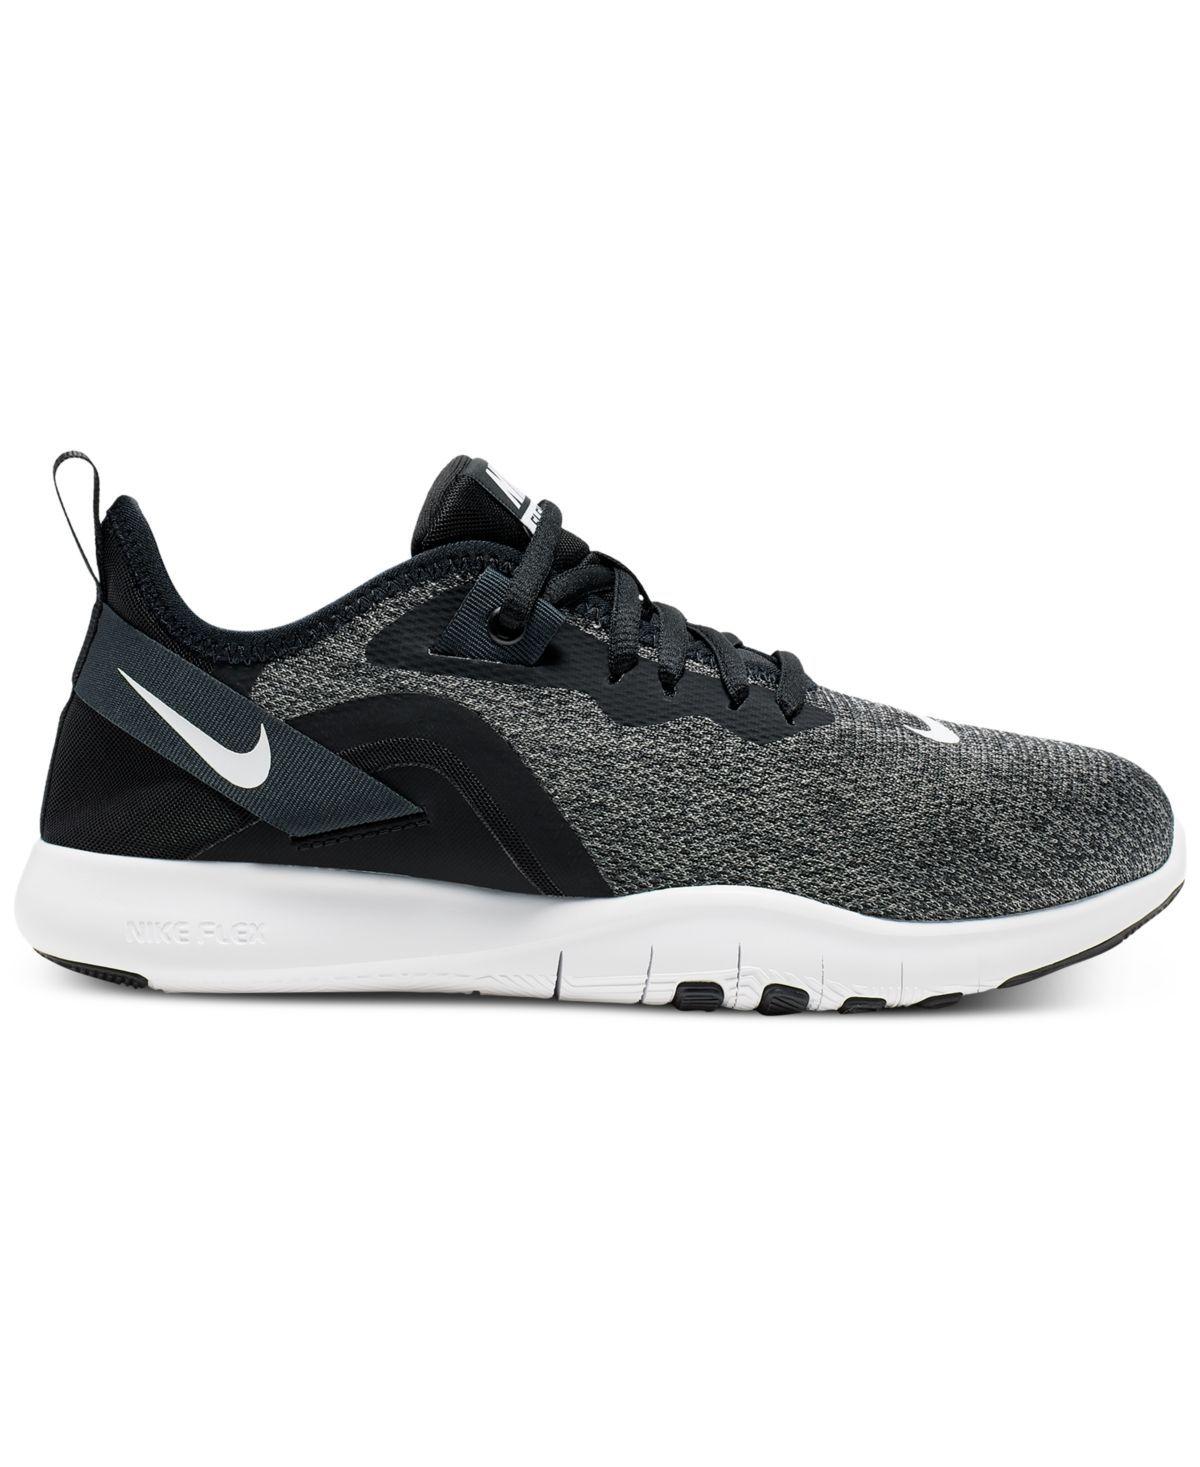 Nike Women's Flex Trainer 9 Wide Width